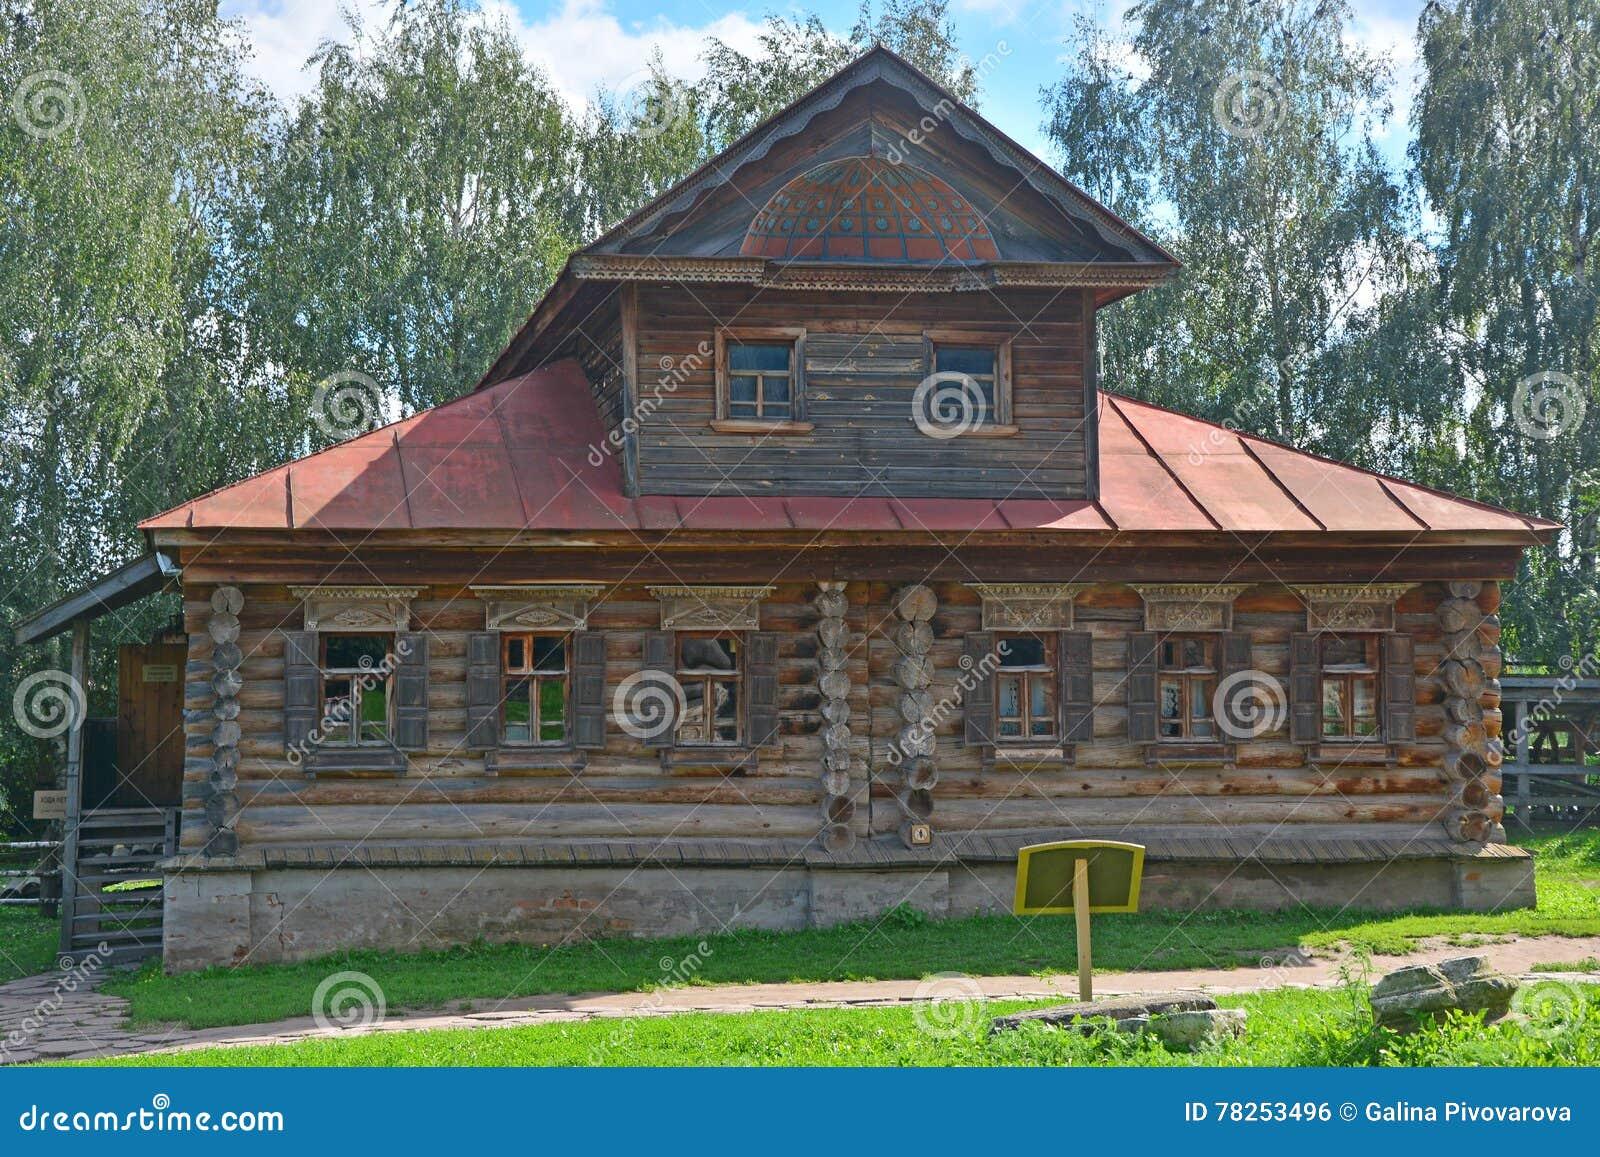 σπίτι των εμπόρων Agapov του 19ου αιώνα με χαρασμένος platbands στο μουσείο της ξύλινης αρχιτεκτονικής στο Σούζνταλ, Ρωσία